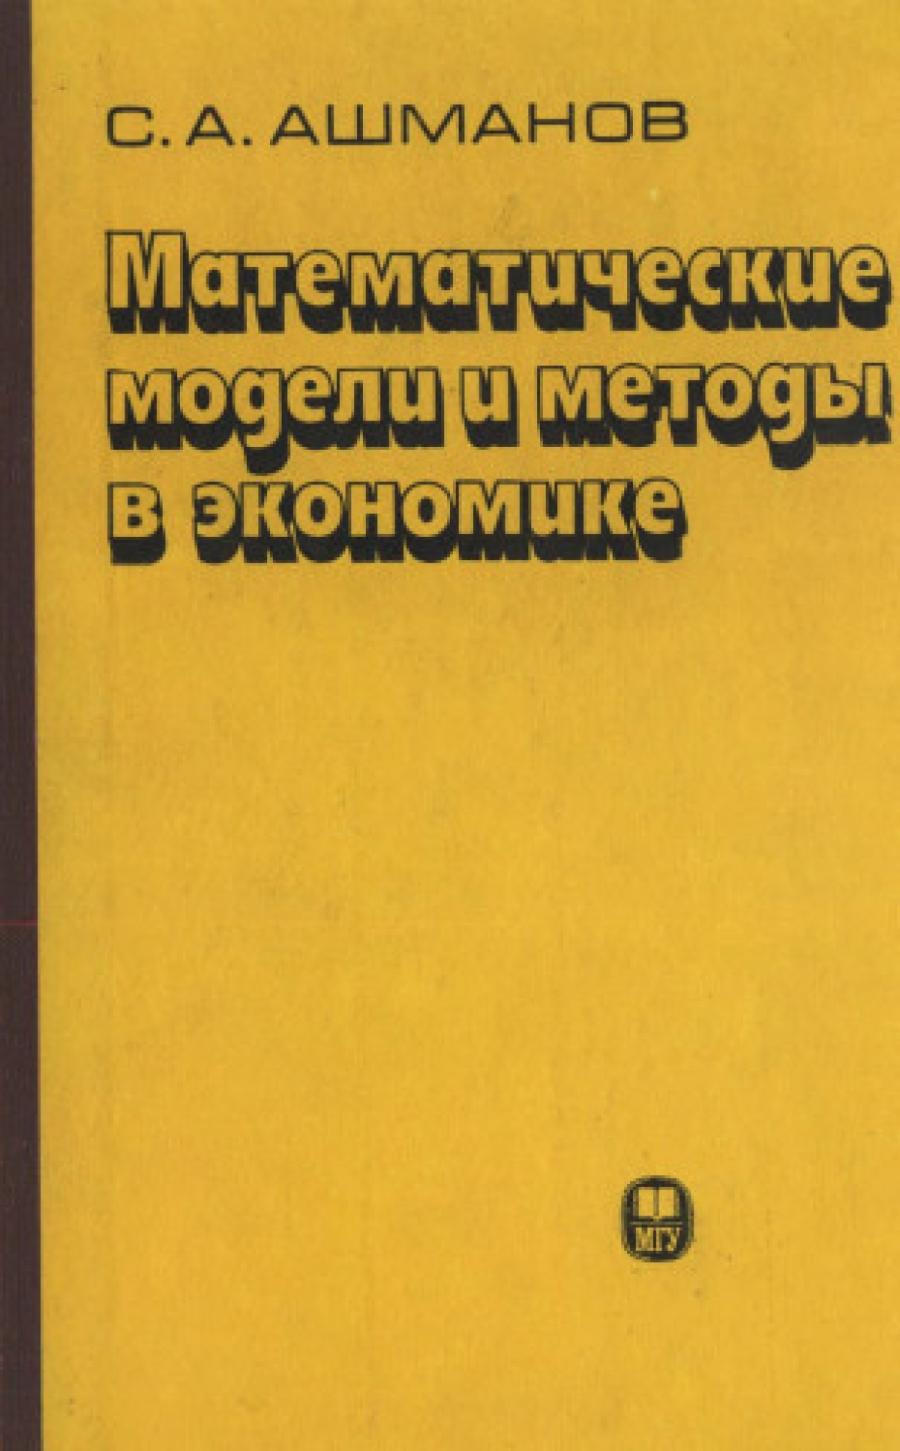 Математические модели в экономике контрольная работа коммуникативная ролевая девушка модель социальной работы